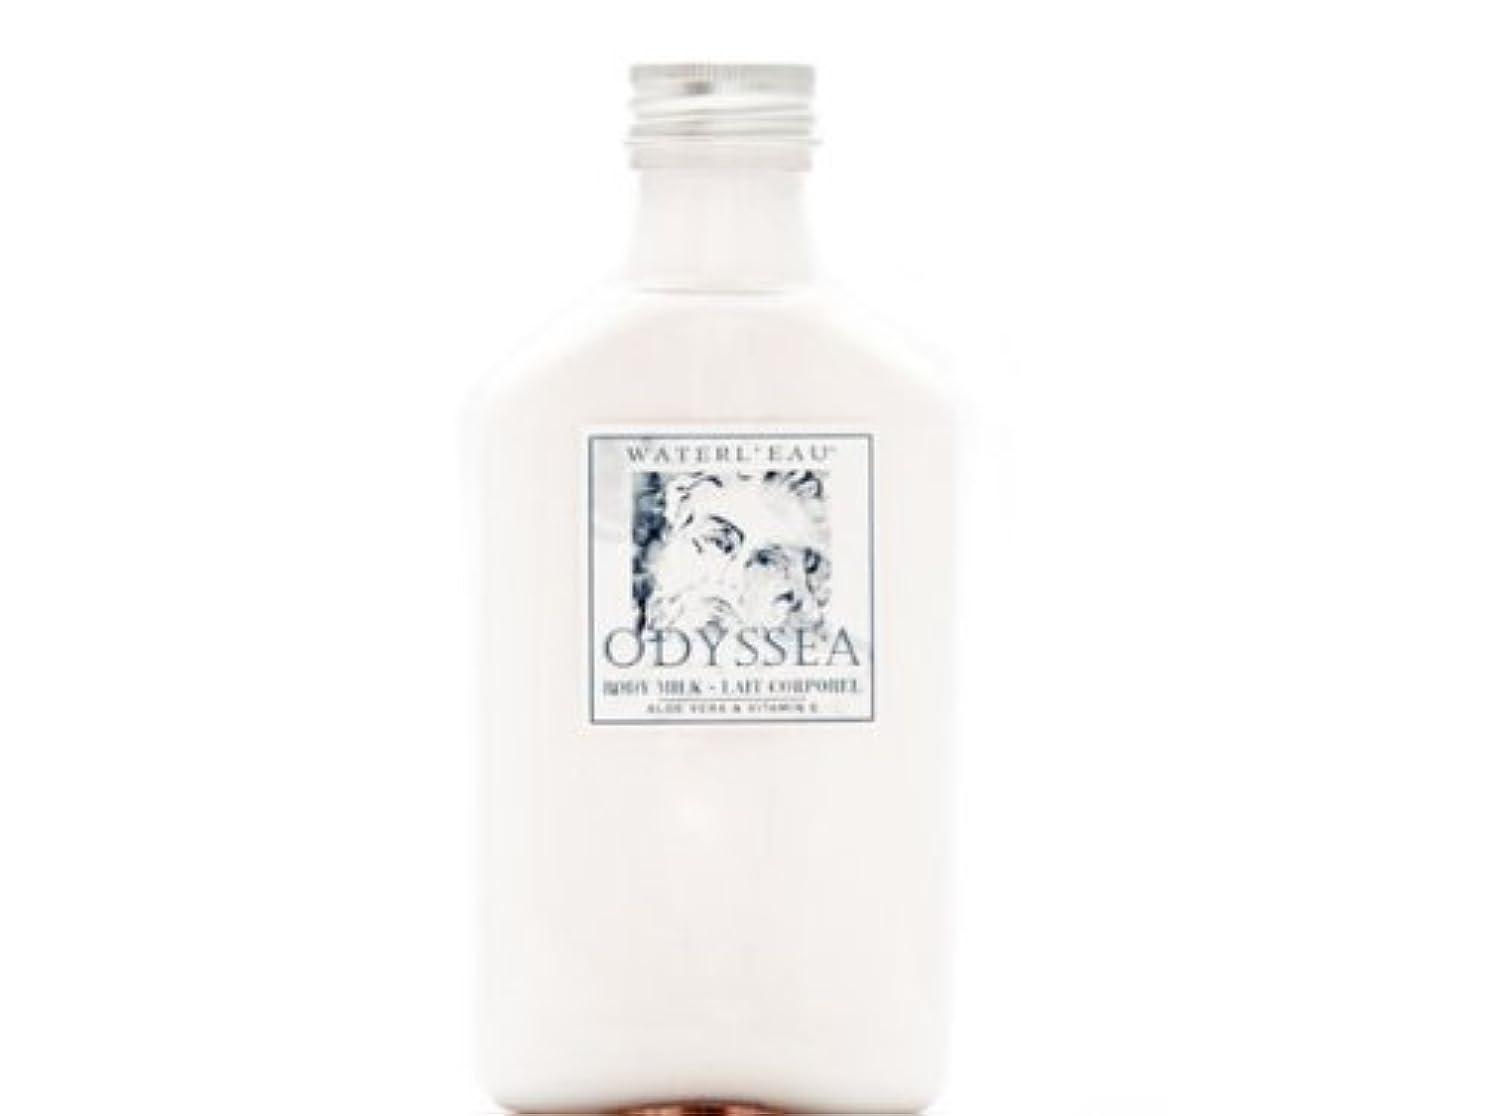 一般惨めな除去ウォーターロー(ワーテルロー) オデュッシー ボディミルク 250ml WATERL'EAU ODYSSEA BODY MILK